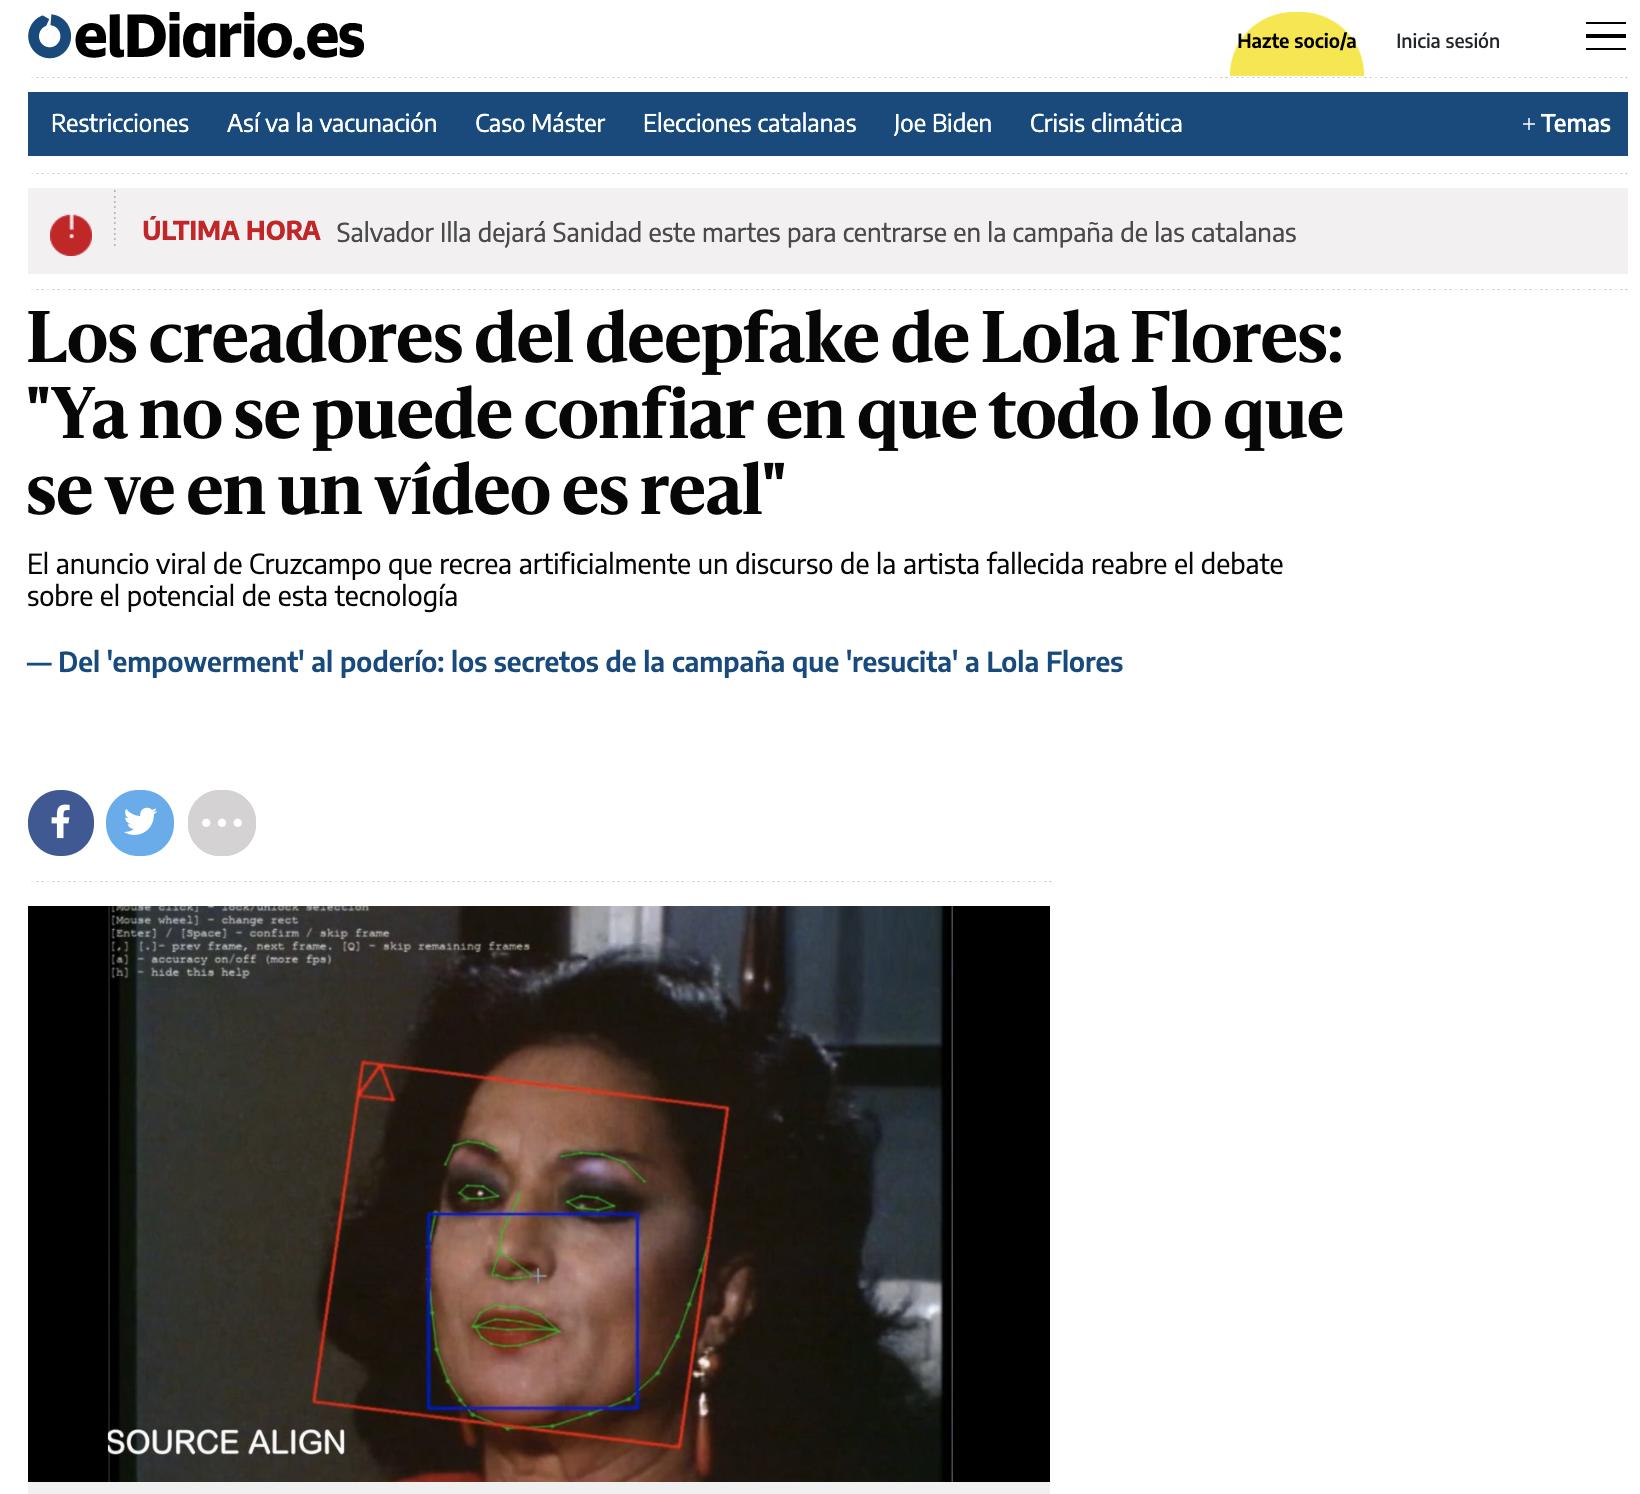 210123_eduardo-pradanos-blog-deepfake-lola-flores-cruzcampo